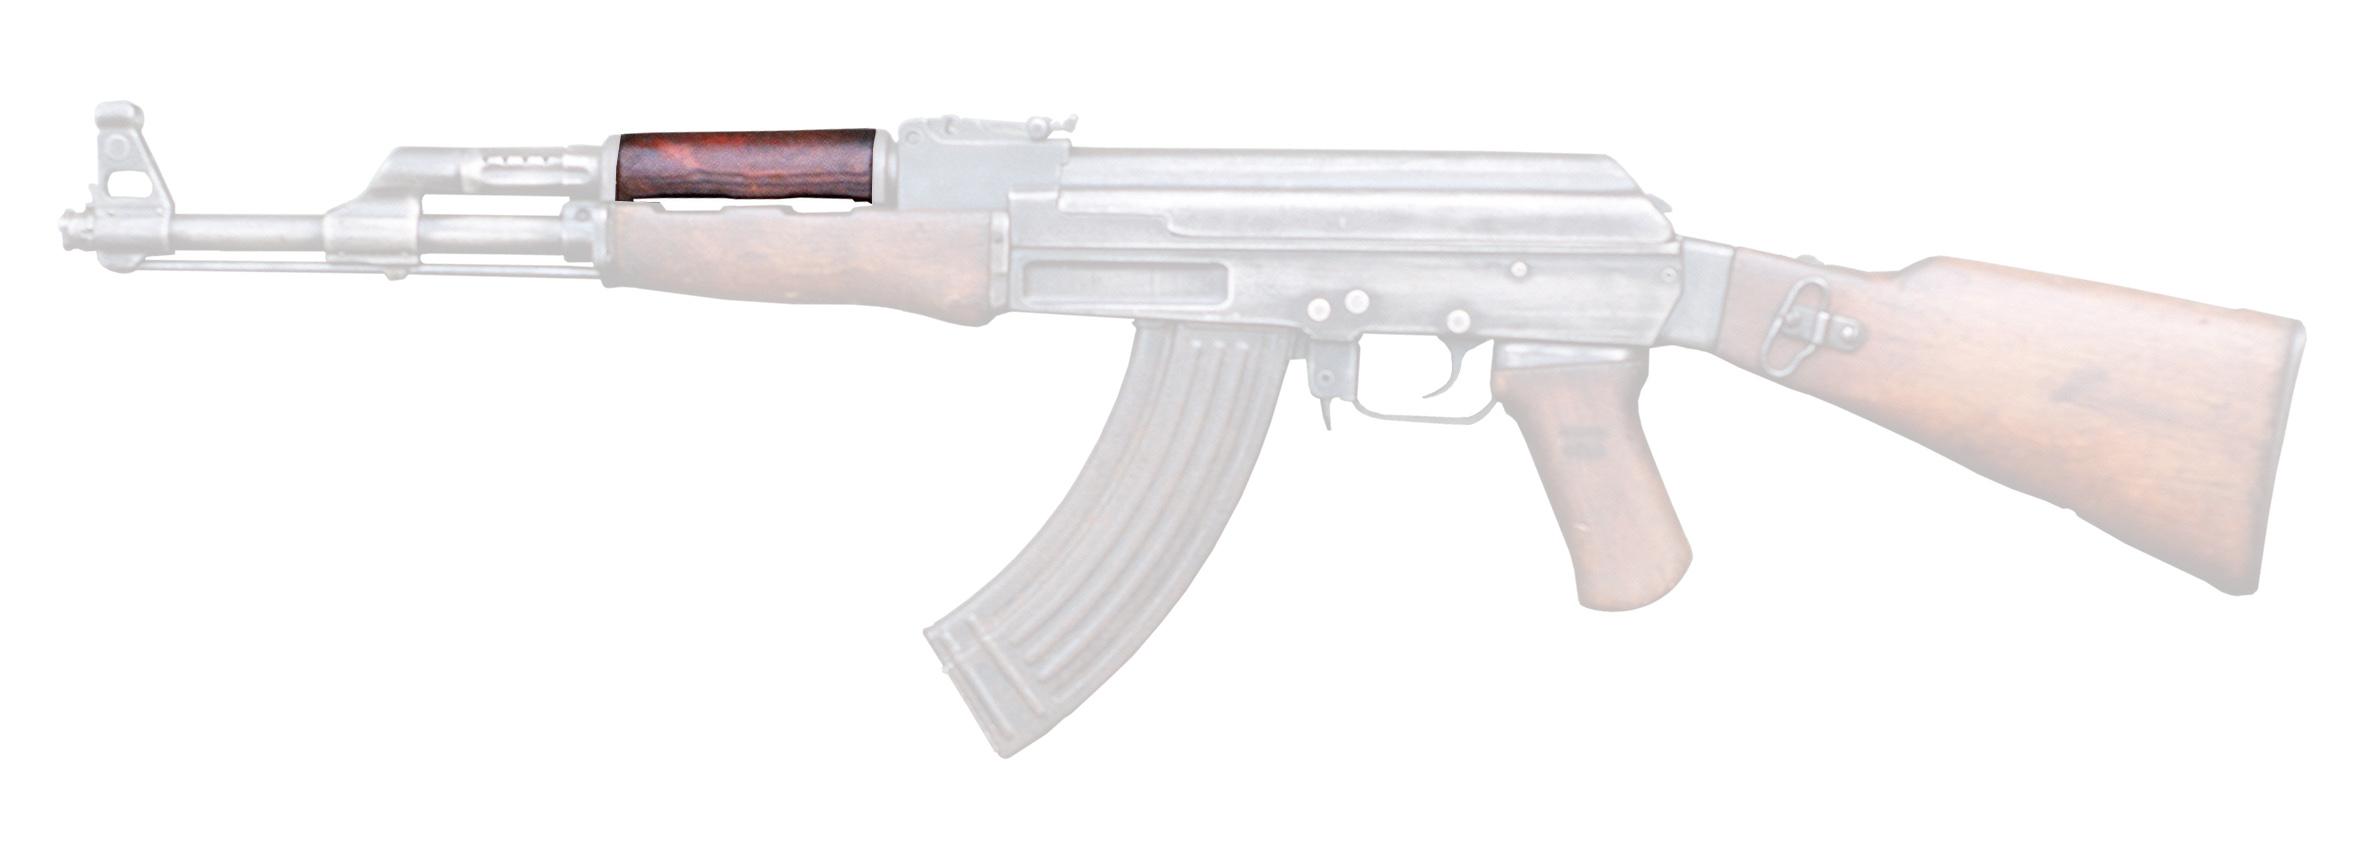 FileHandschutz AK 47